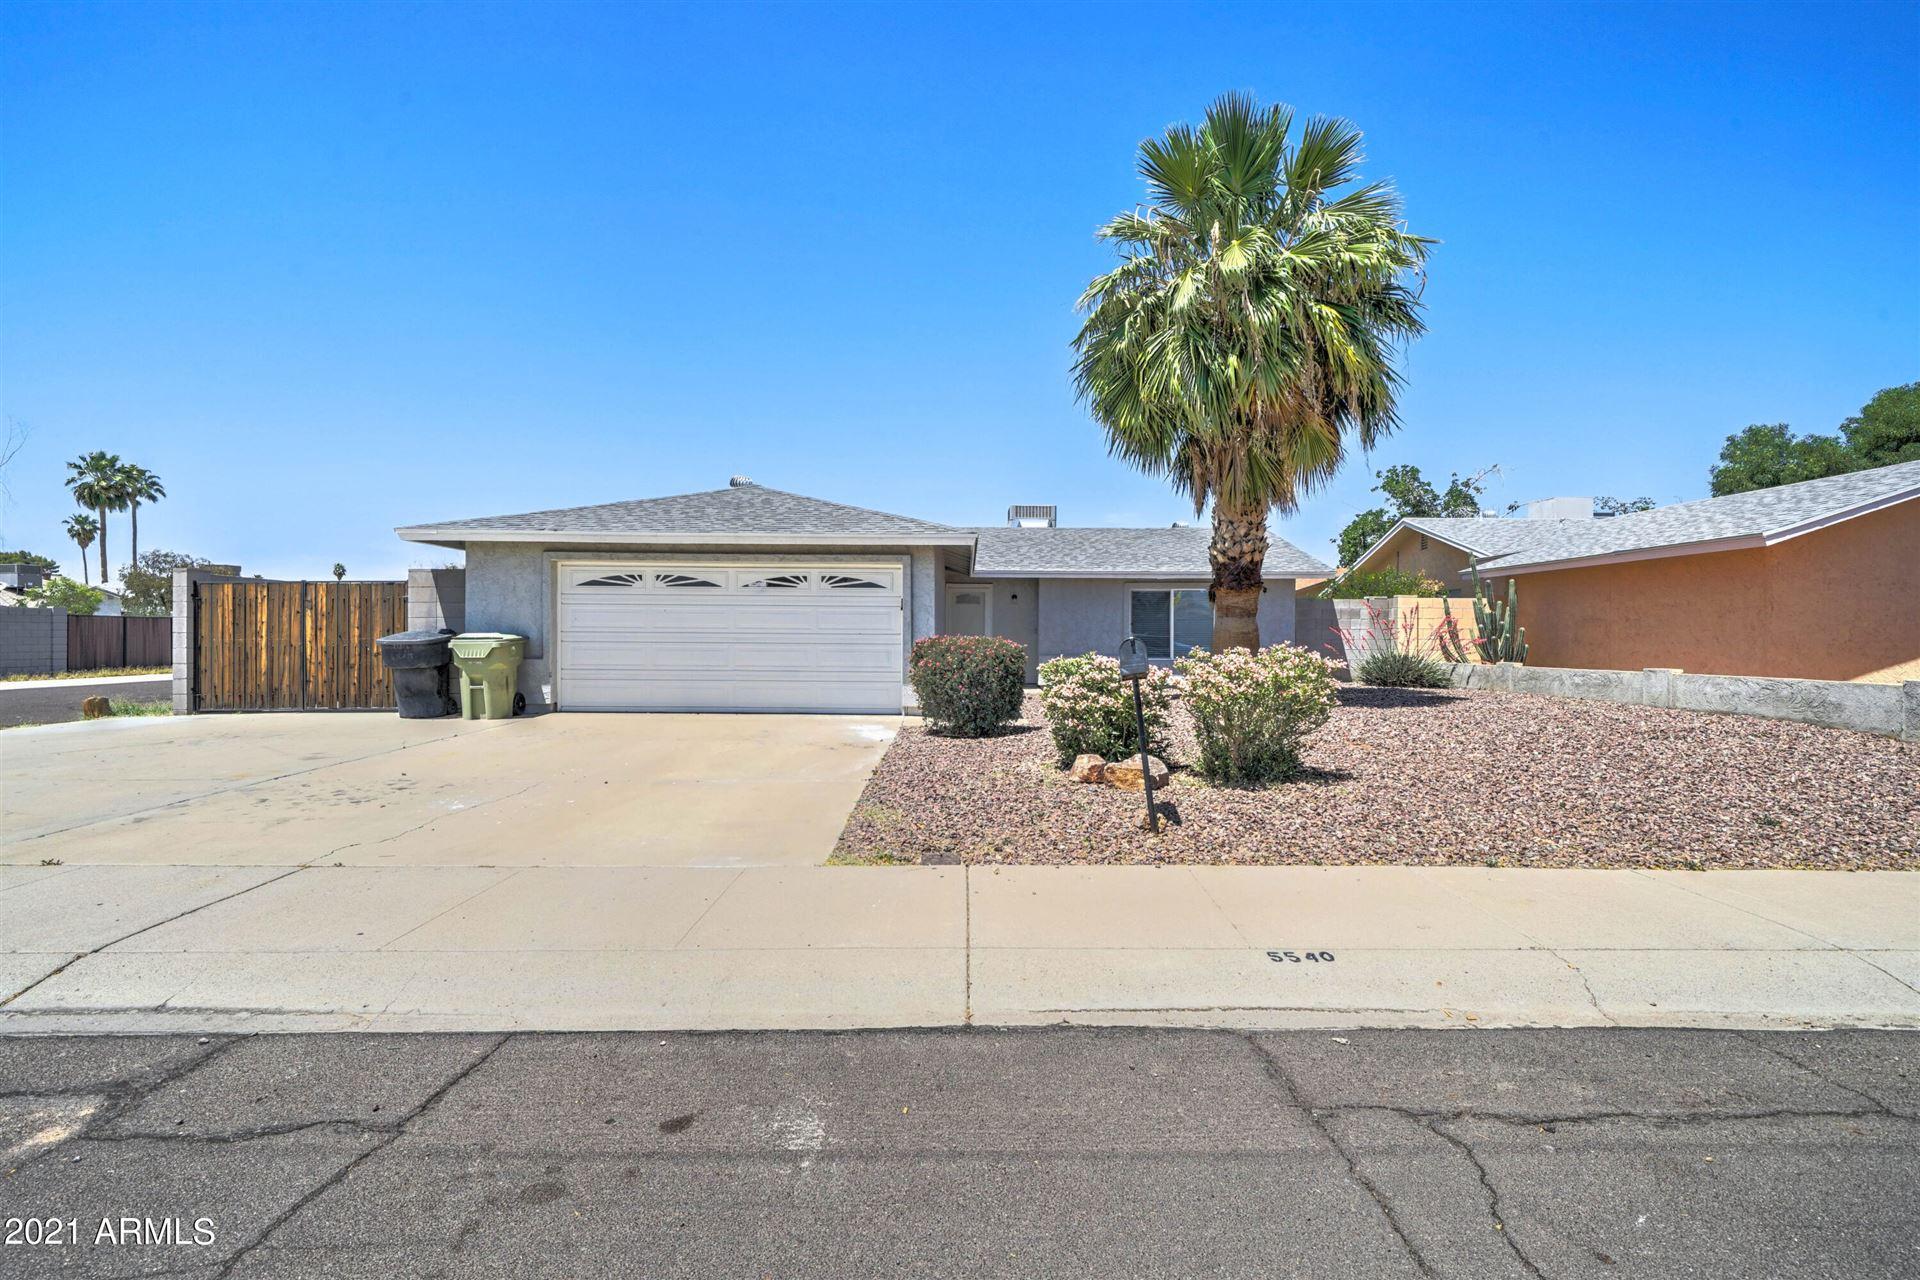 5540 W ALICE Avenue, Glendale, AZ 85302 - #: 6232751